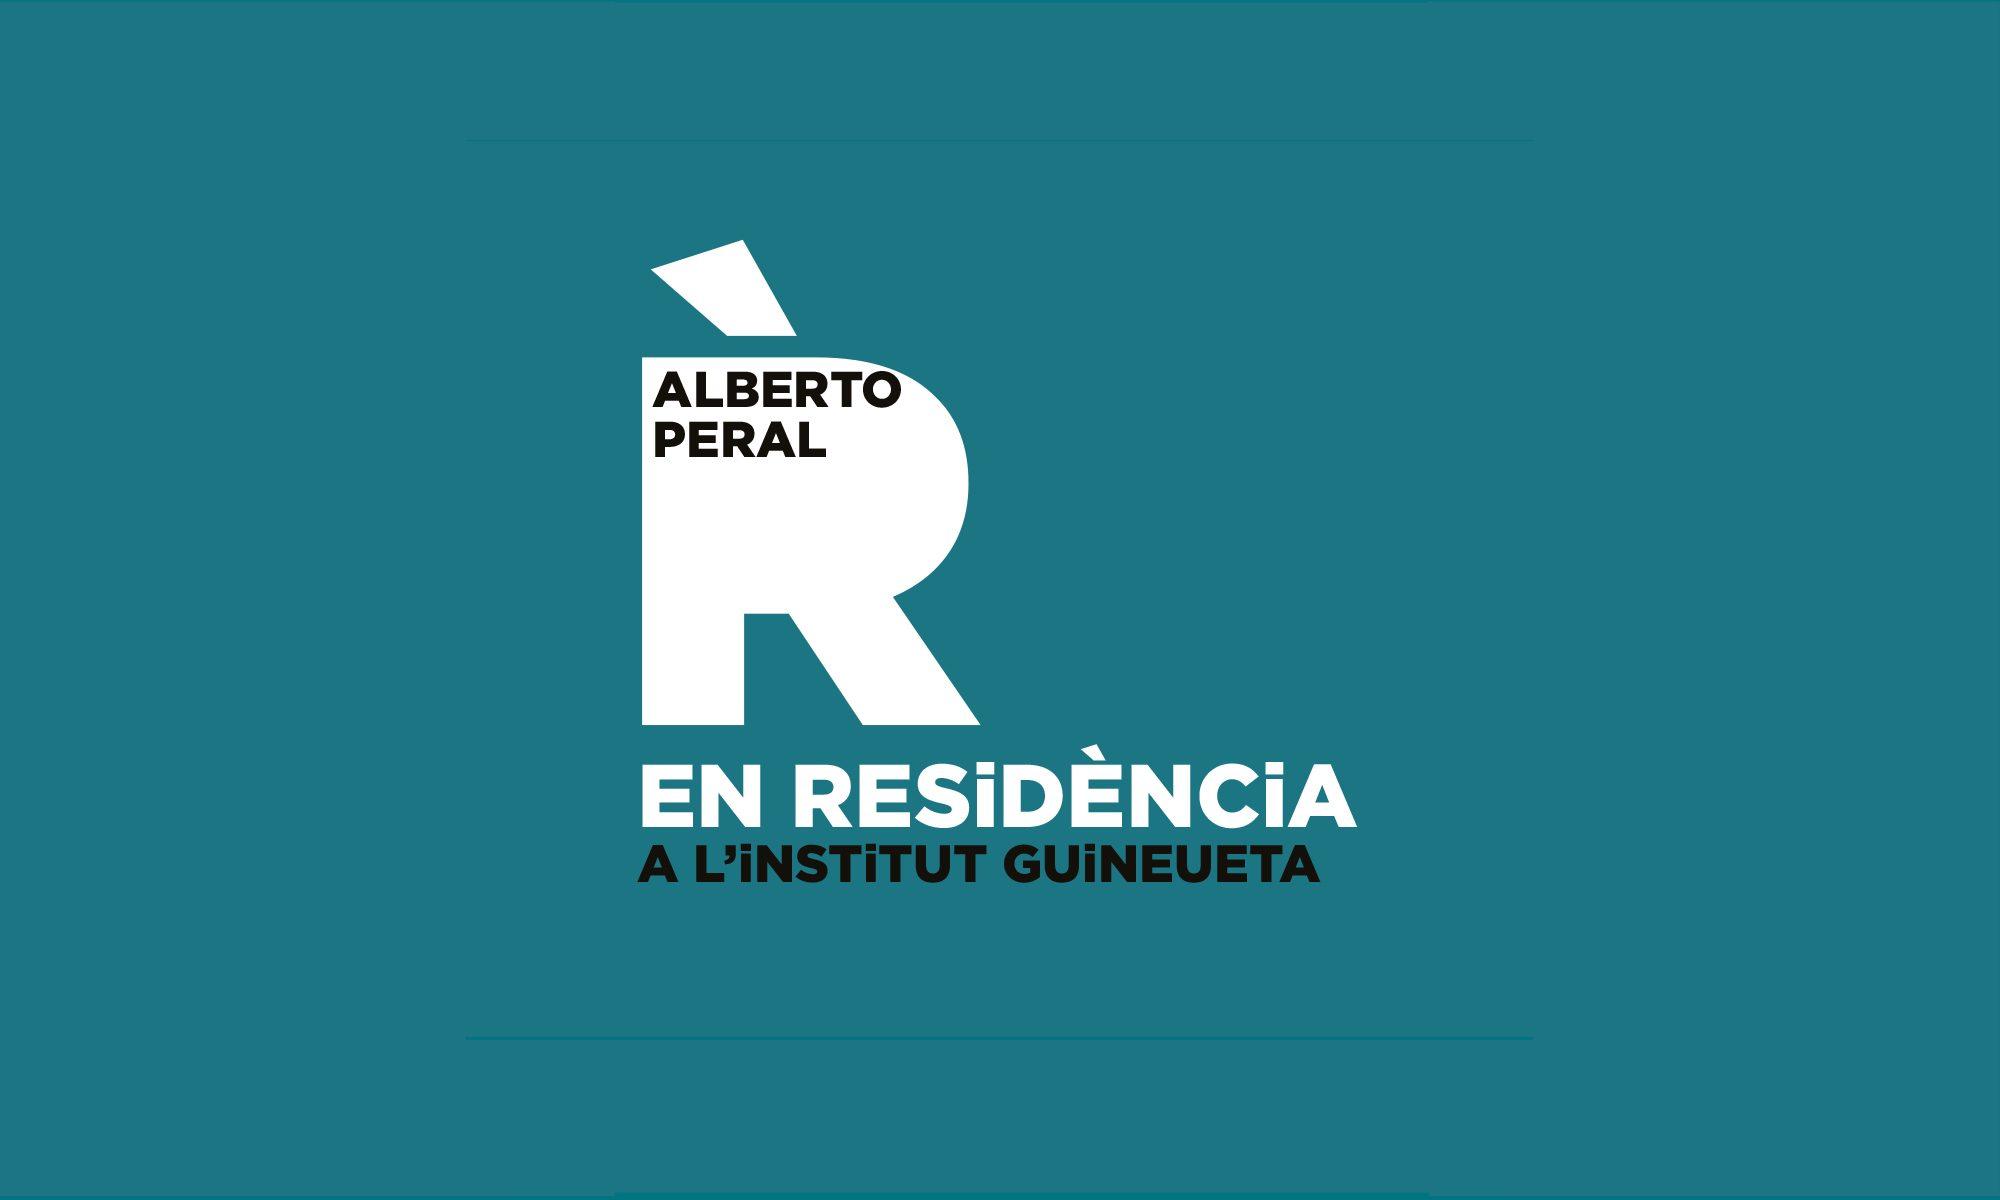 Alberto Peral EN RESiDÈNCiA